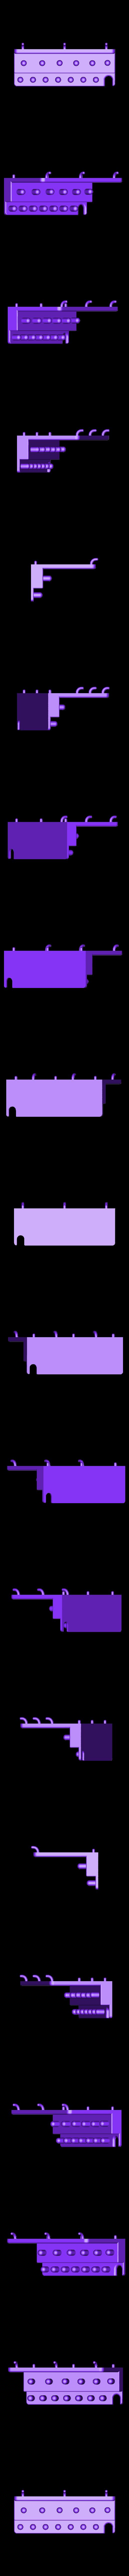 """VERLNG1.STL Télécharger fichier STL gratuit Support pour jeu de clés à douille 28pcs 1/4"""" avec barre de rallonge et douilles pour support mural 007 • Modèle imprimable en 3D, Wiesemann1893"""